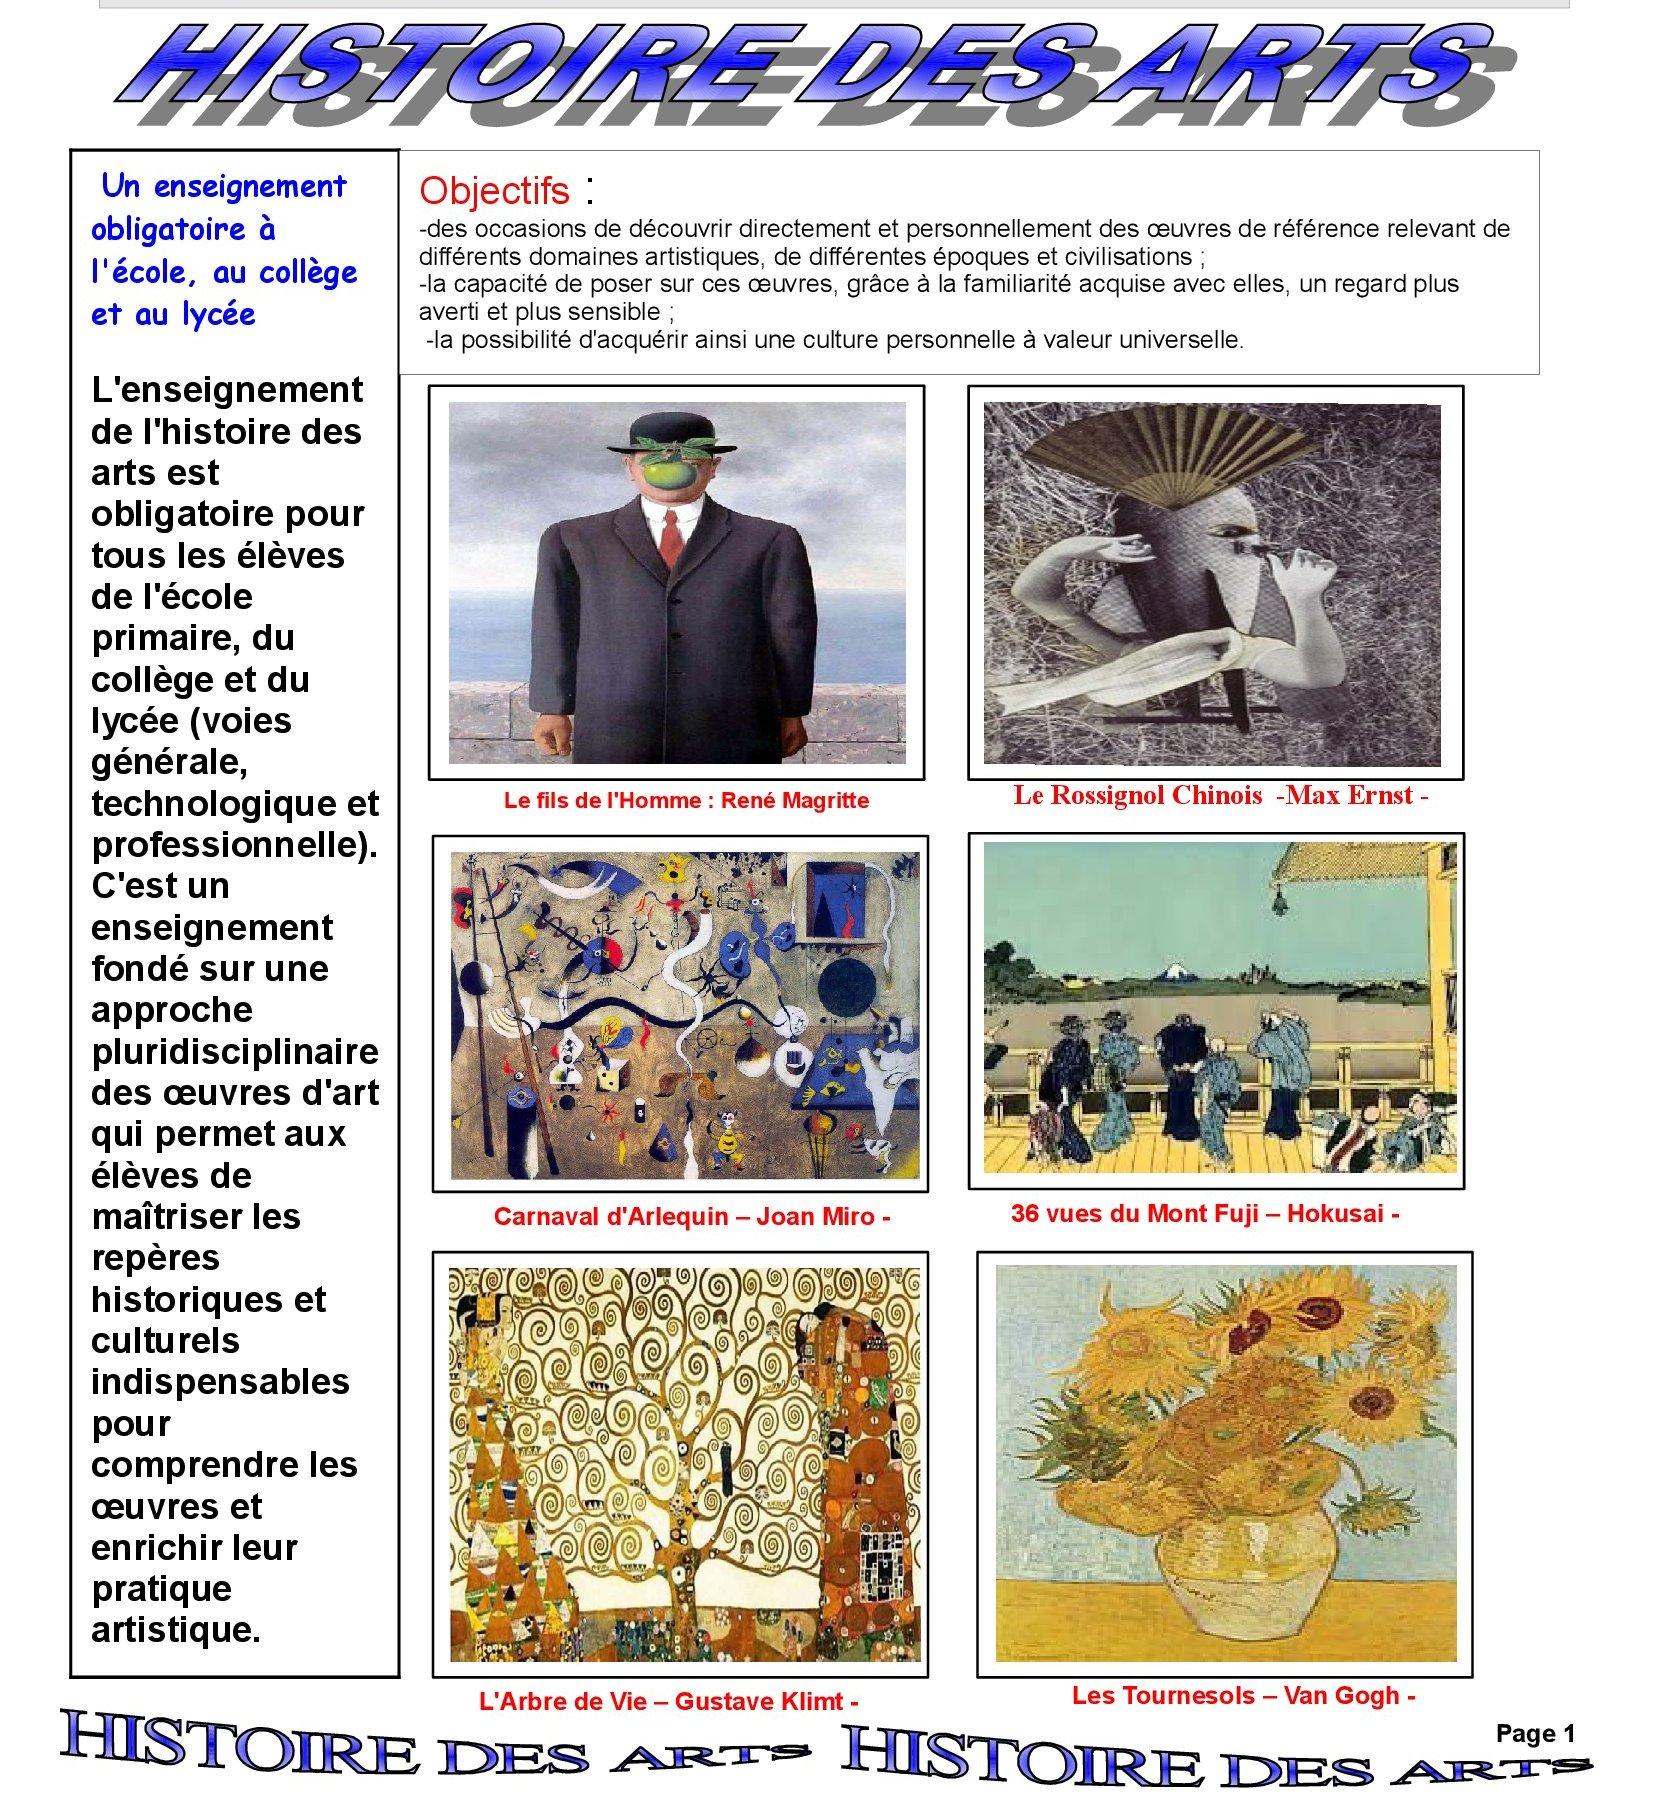 Histoire des art cp ce1 ce2 cm1 cm2 le carnaval d 39 arlequin - Histoire des arts la chambre des officiers ...